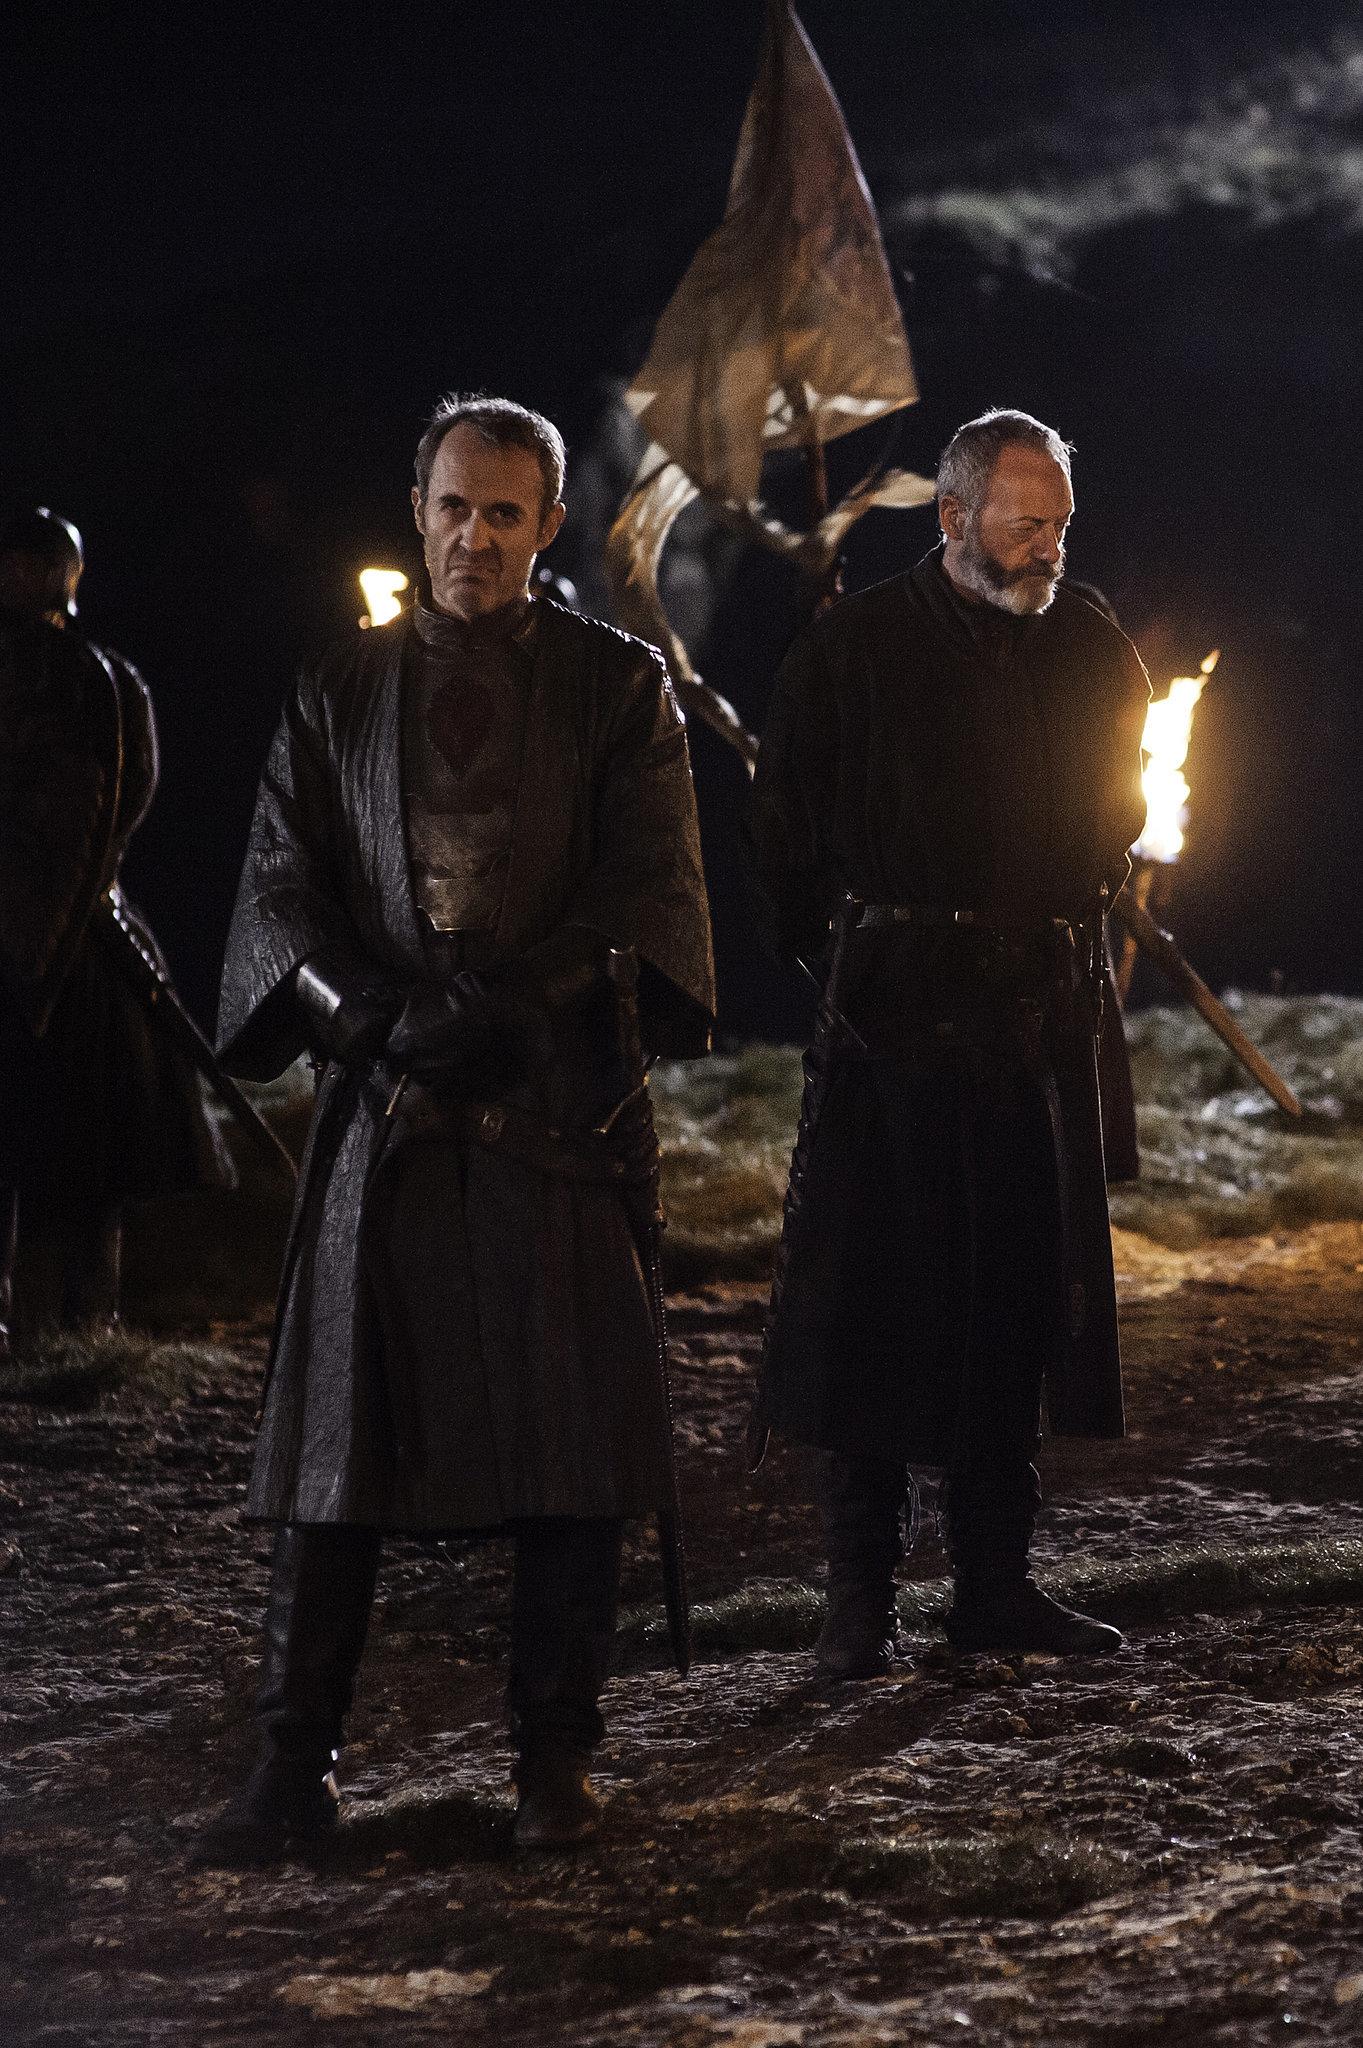 Stannis resurfaces.